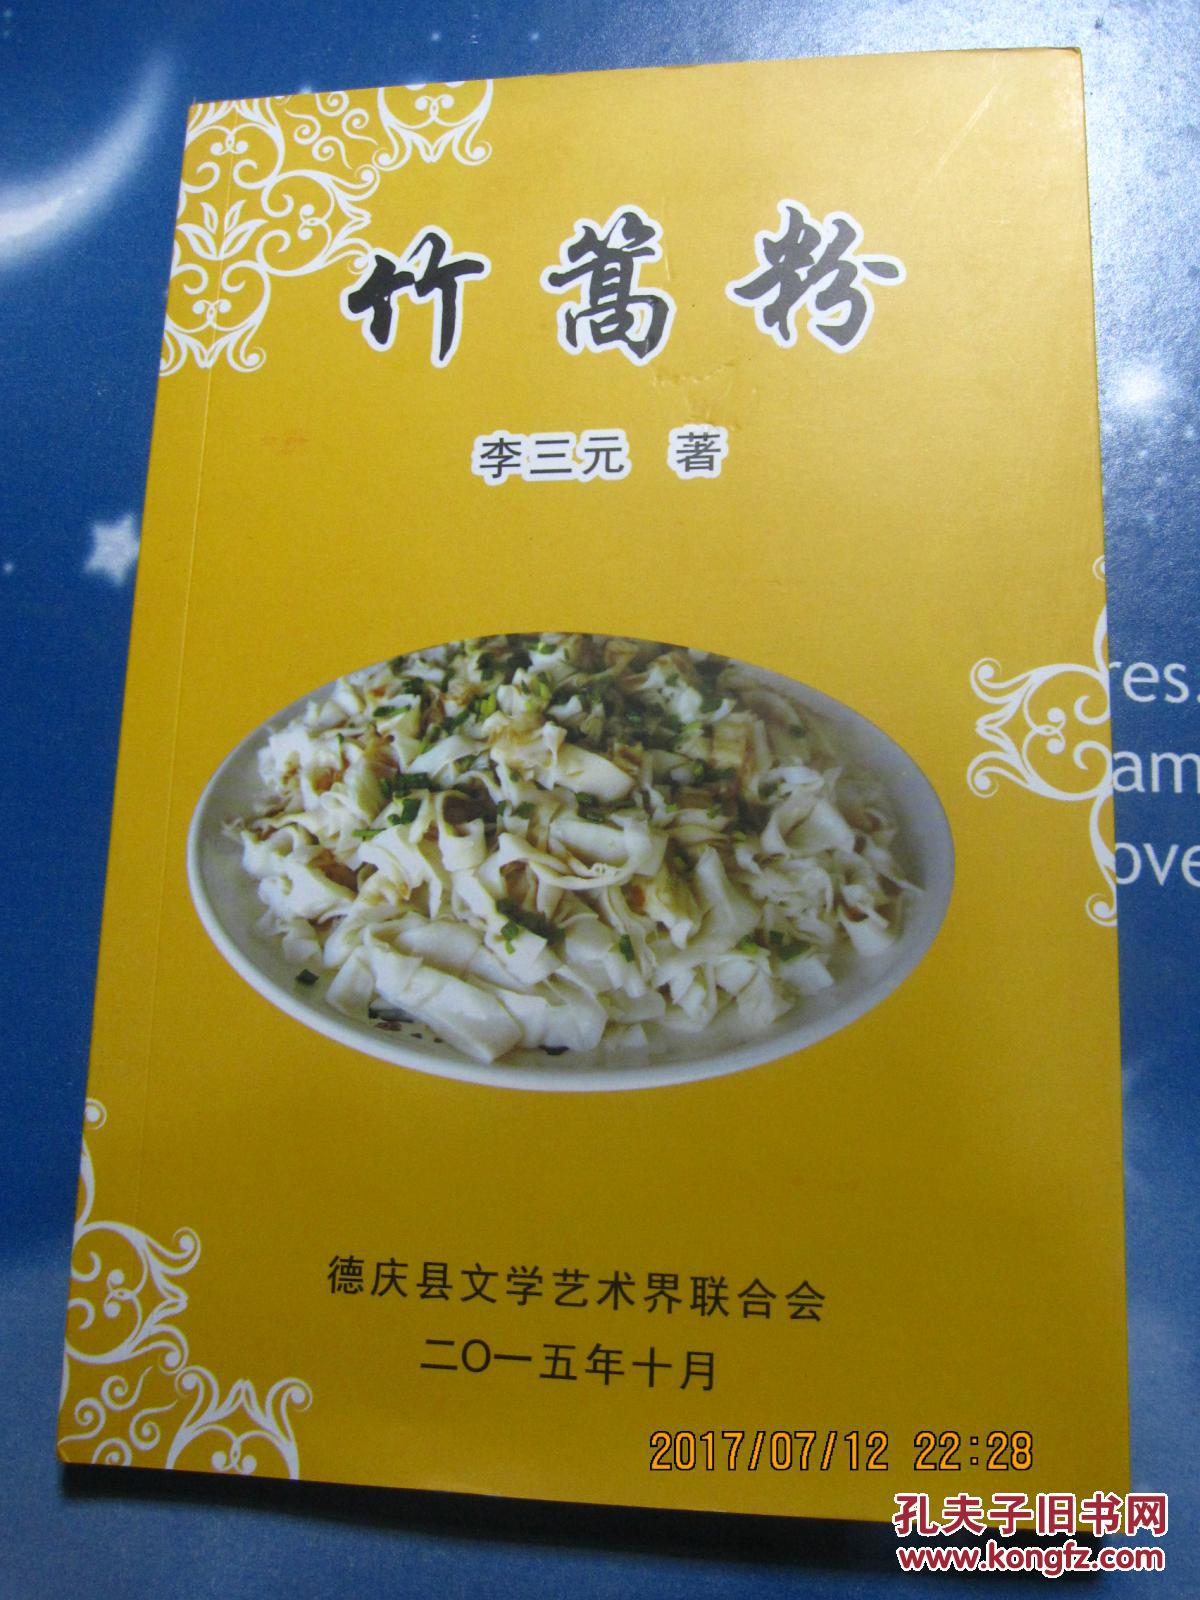 德庆特产_竹篙粉 广东省德庆县传统美食特产之故事